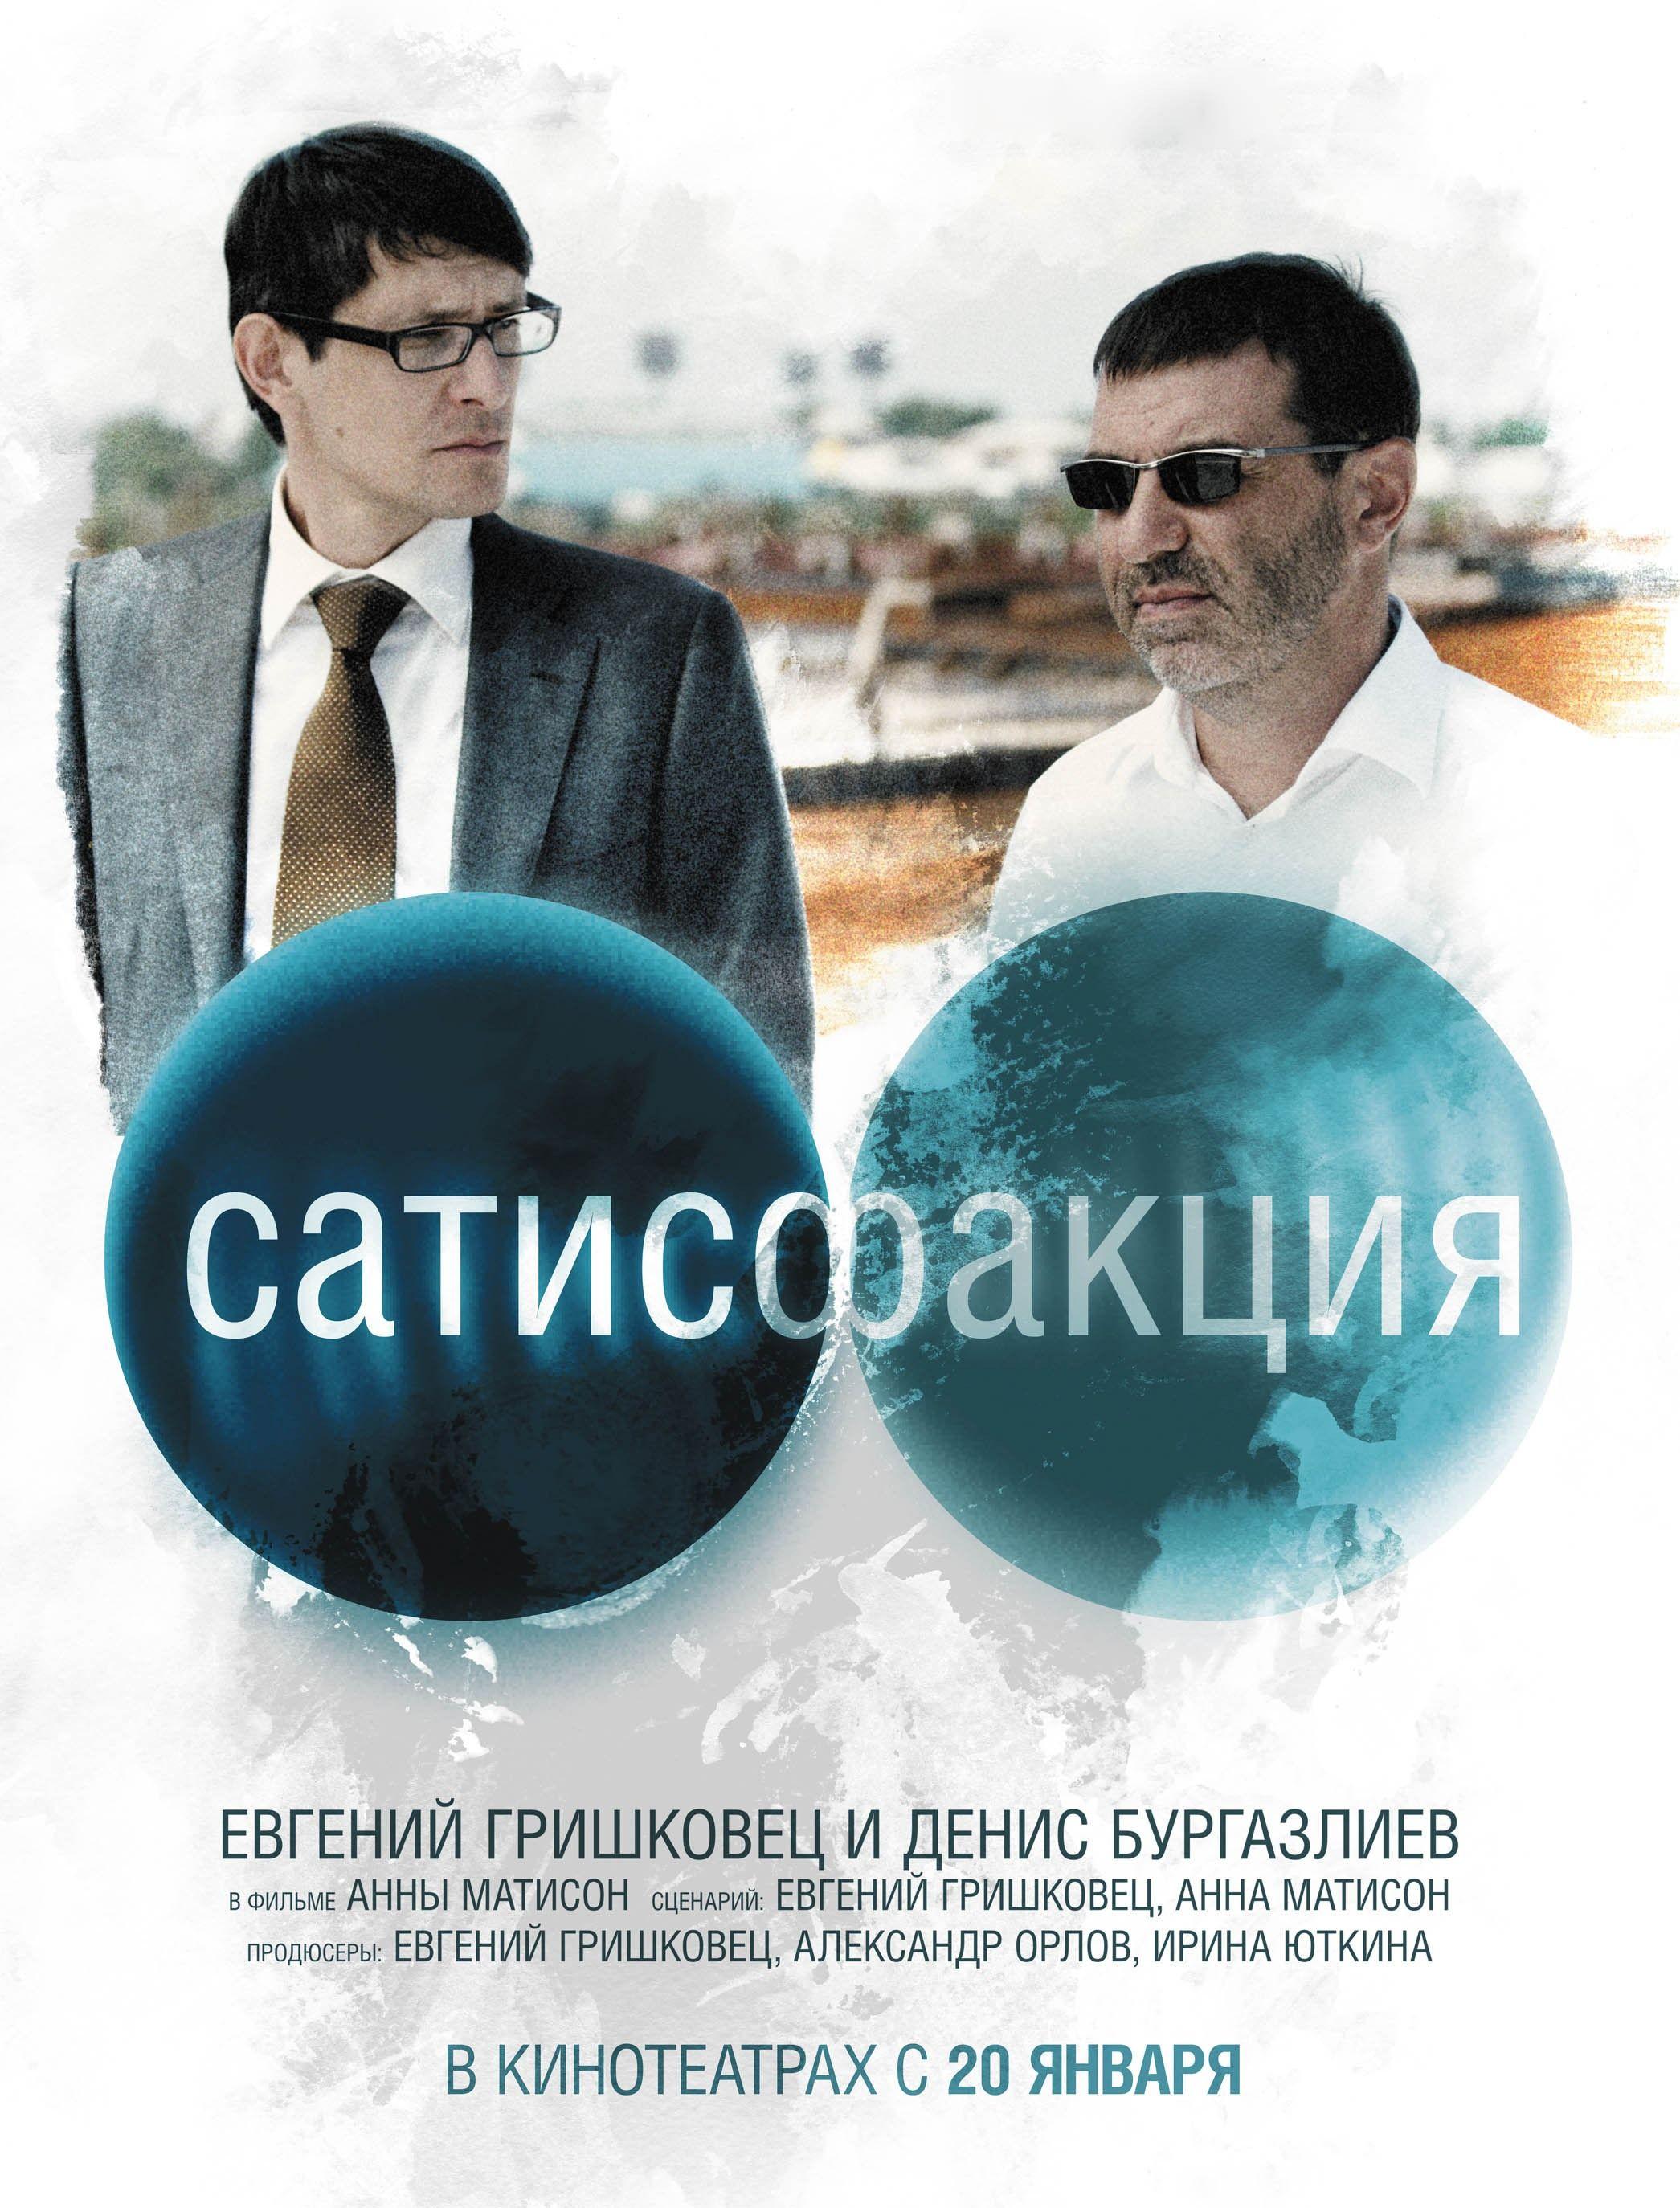 Фильм Гришковца Сатисфакция Скачать